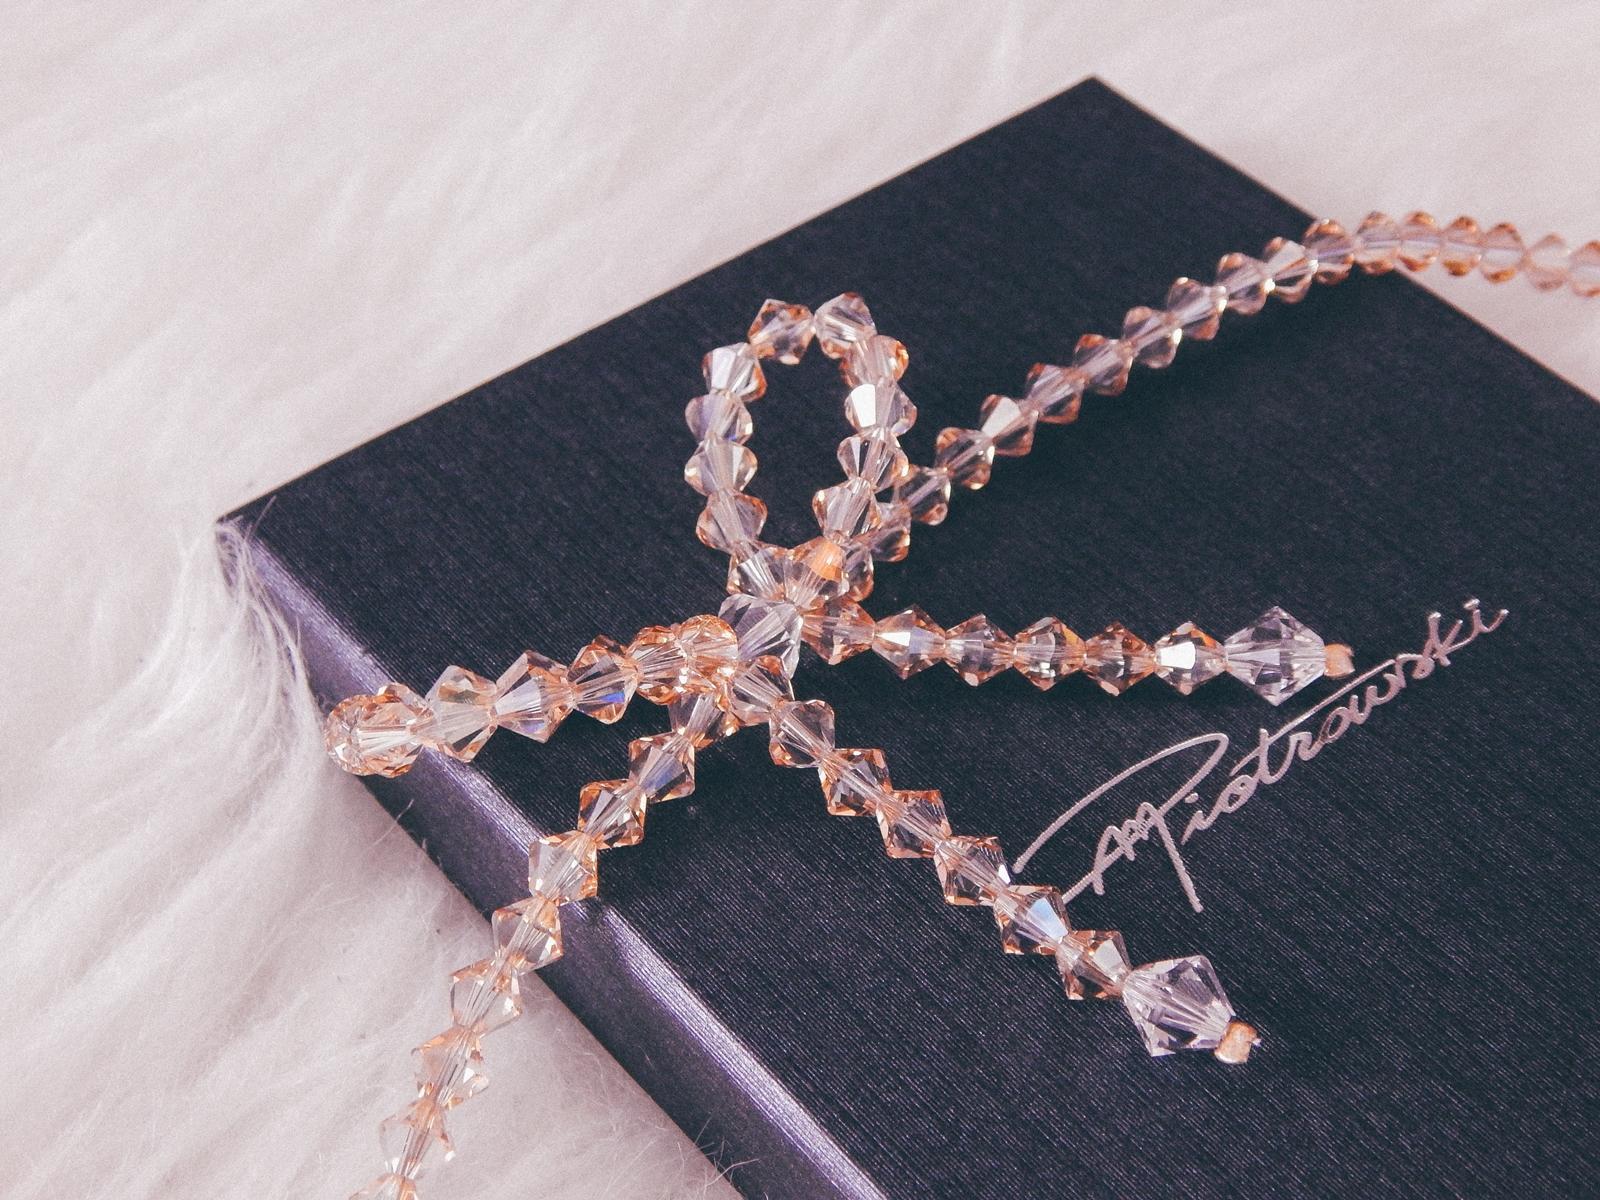 1 biżuteria M piotrowski recenzje kryształy swarovski przegląd opinie recenzje jak dobrać biżuterie modna biżuteria stylowe dodatki kryształy bransoletka z kokardką naszyjnik z kokardą złoto srebro fashion